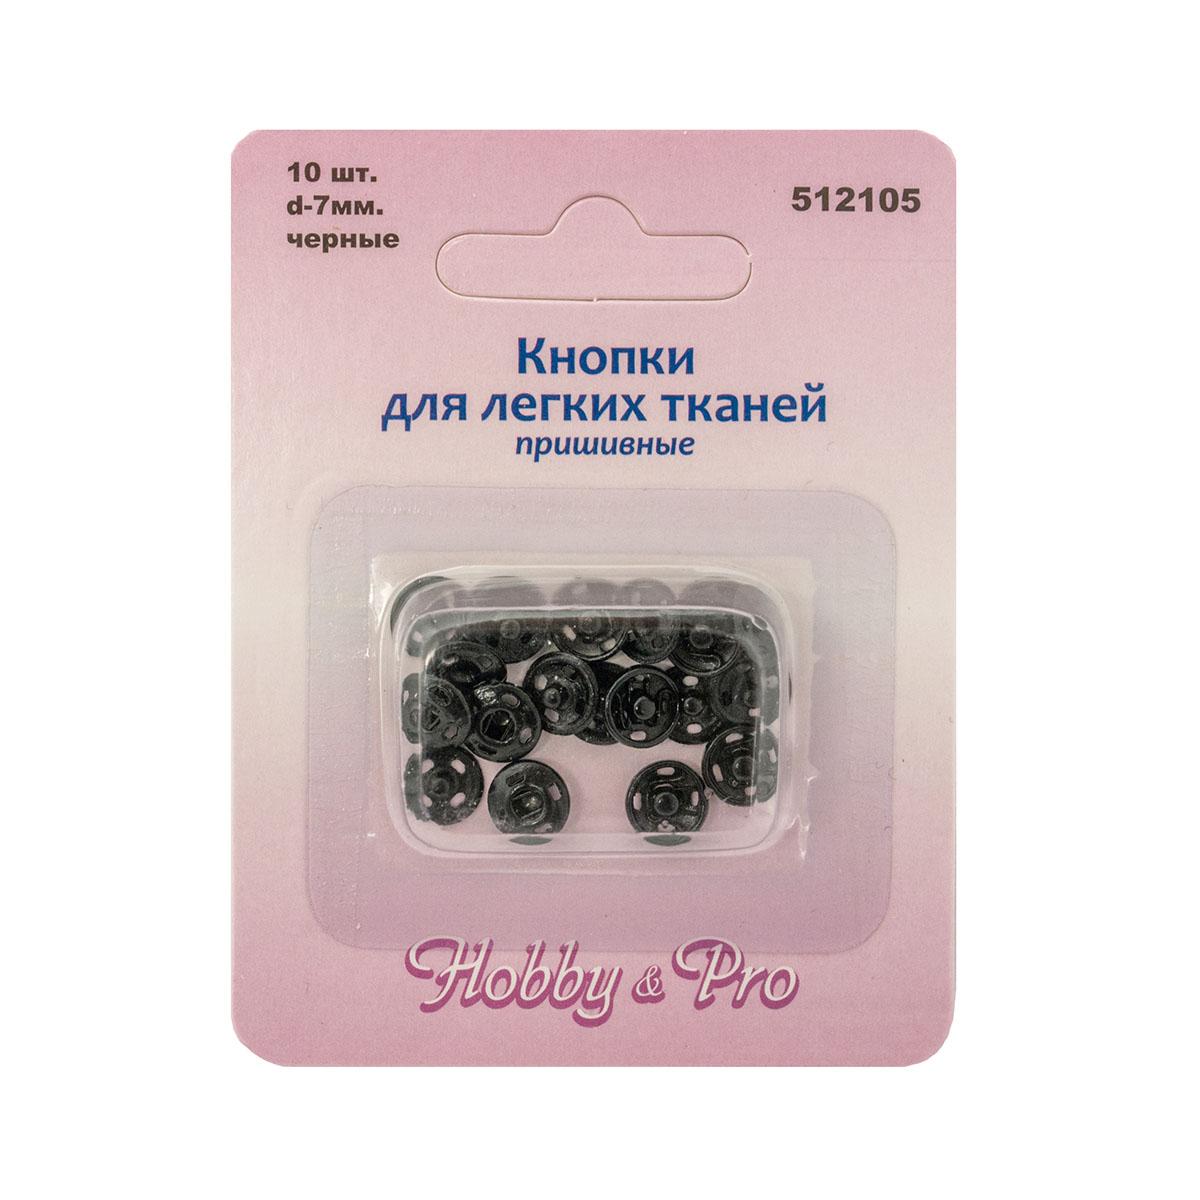 Кнопки для легких тканей пришивные, 10 компл., 7 мм, черные 512105, Hobby&Pro